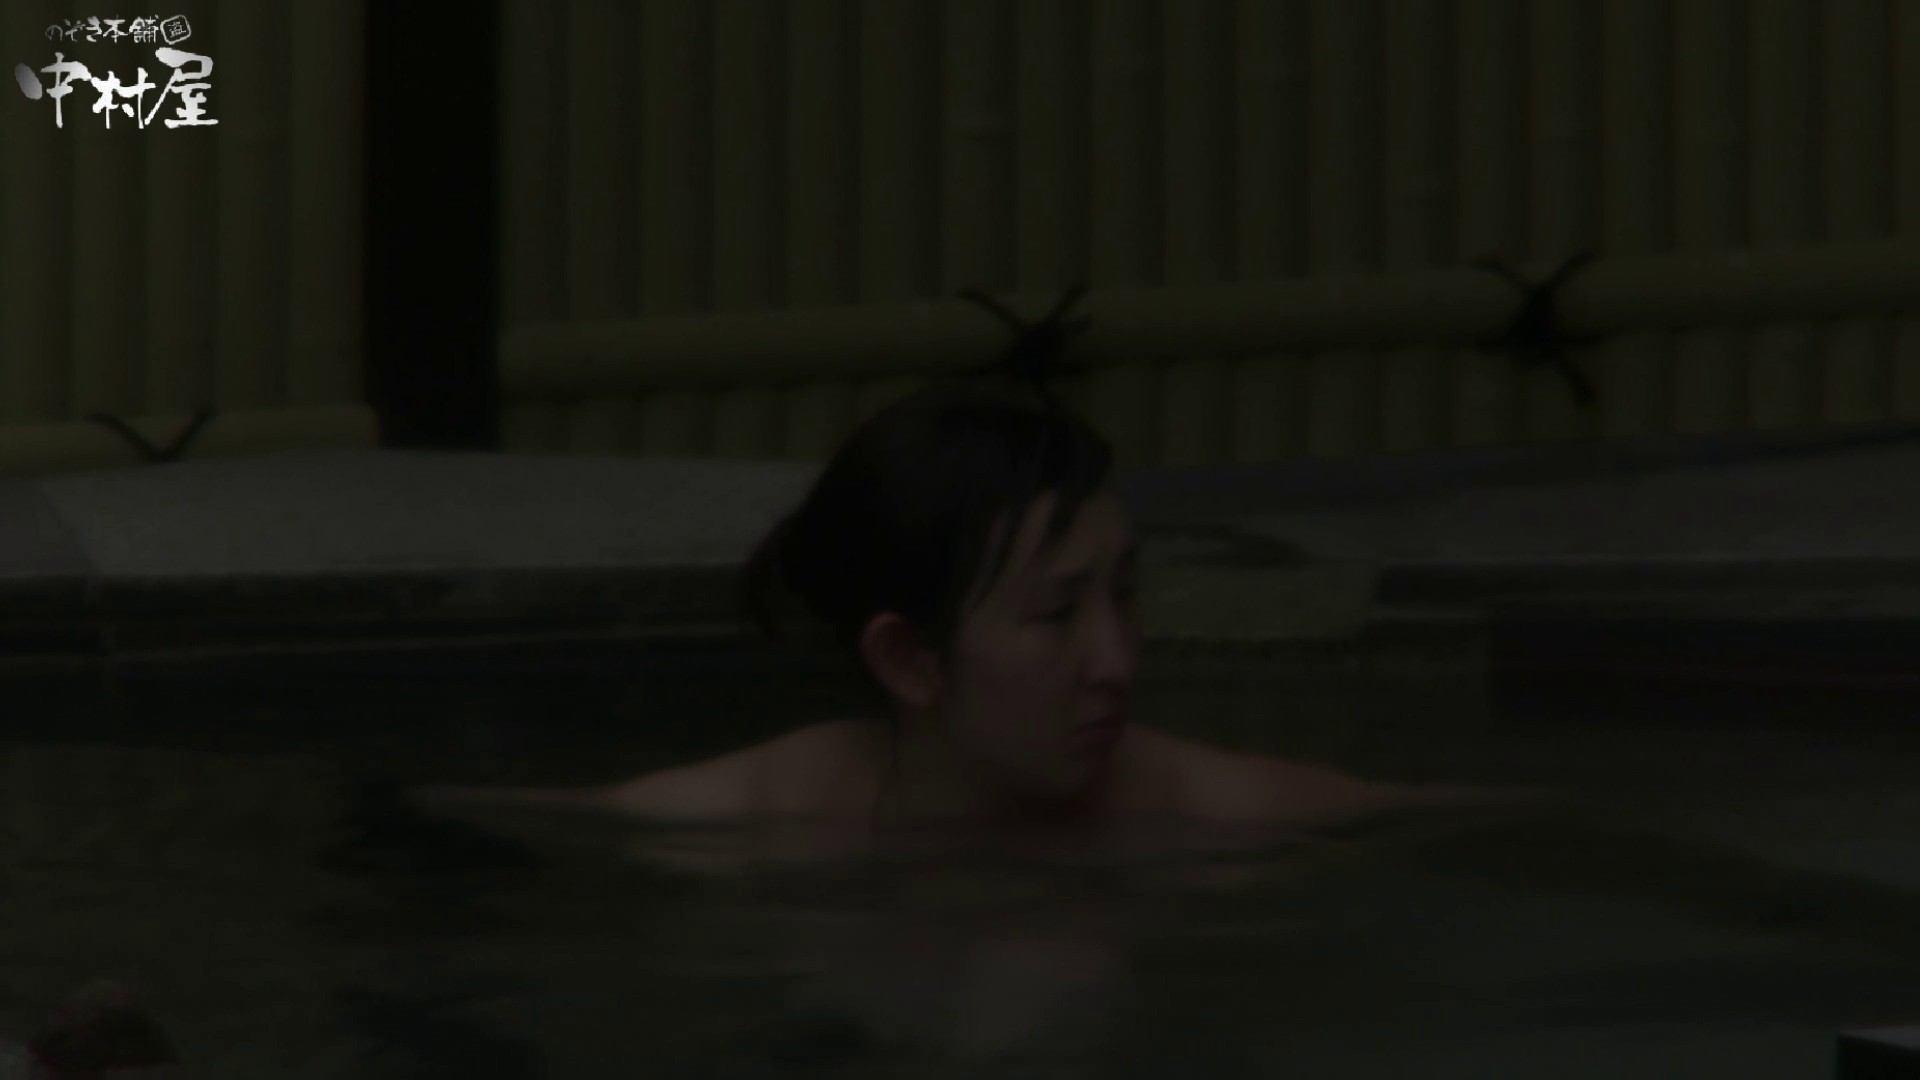 Aquaな露天風呂Vol.948 露天 | 綺麗なOLたち  88枚 1